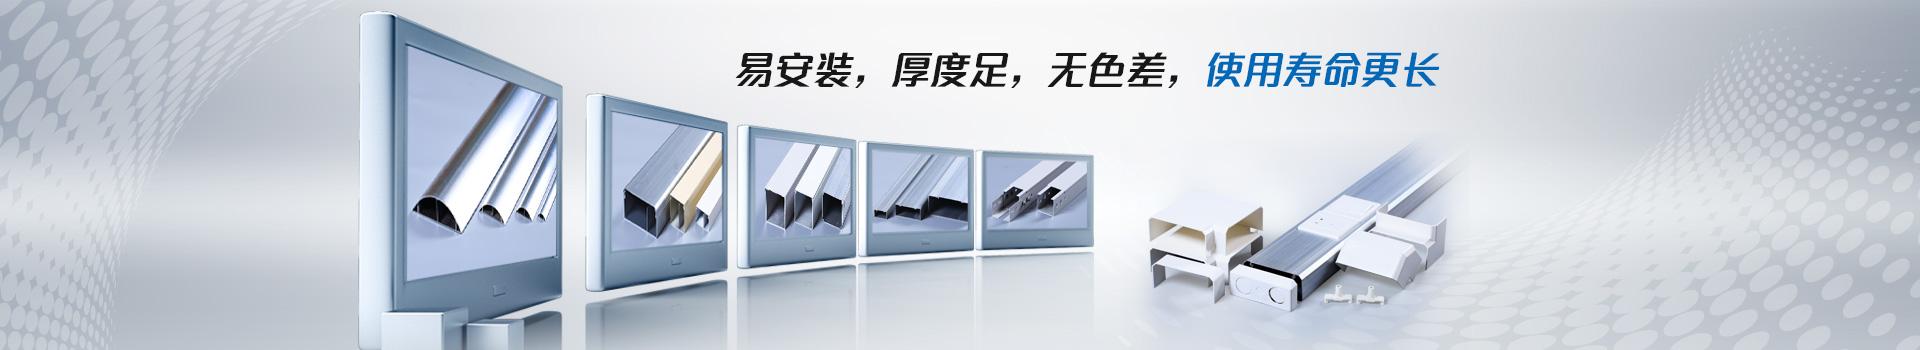 伟吉线槽-易安装,厚度足,无色差,使用寿命更长